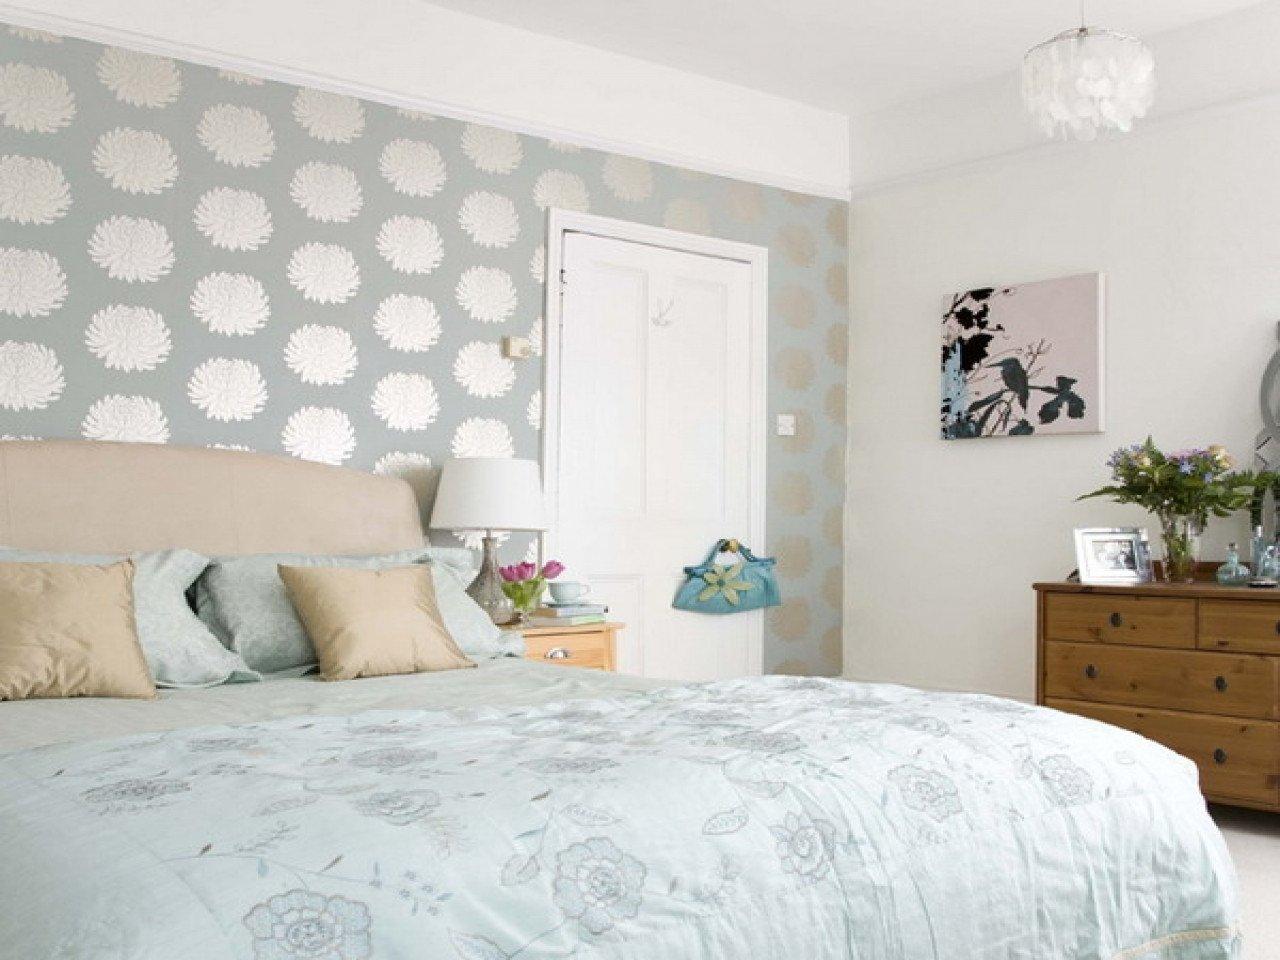 Diy Bedroom Decor It Yourself Fresh Bedroom with Wallpaper Do It Yourself Bedroom Decorating Diy Bedroom Wall Decorating Ideas